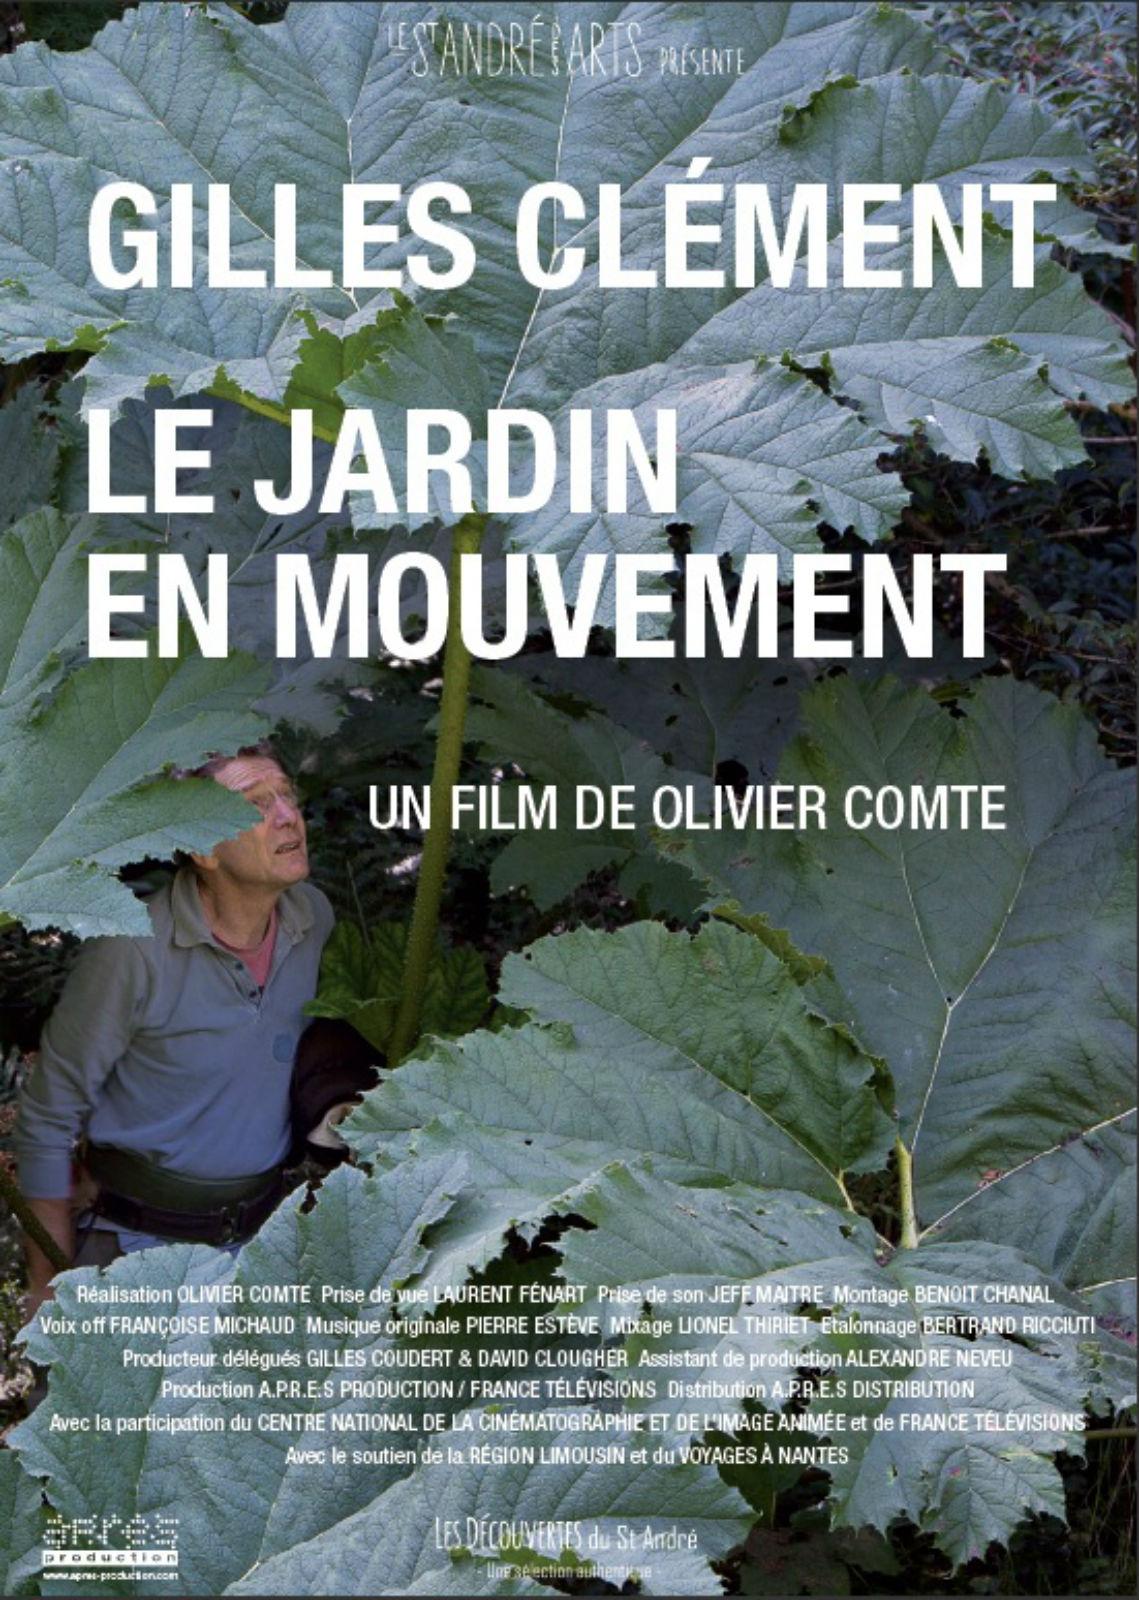 Gilles Clément, Le Jardin en mouvement en Streaming